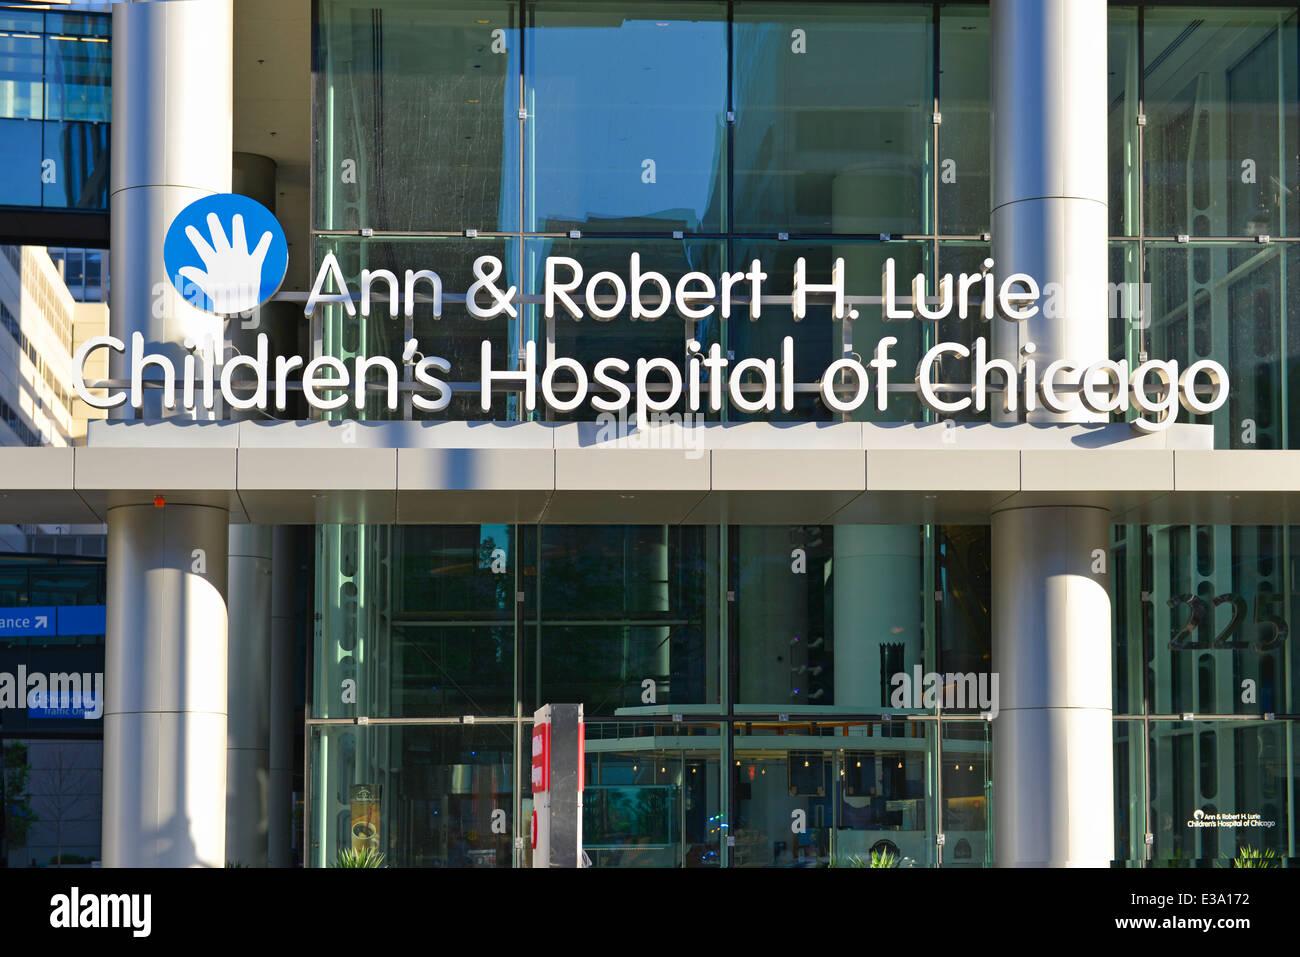 Image result for Ann & Robert H.Lurie Children's Hospital